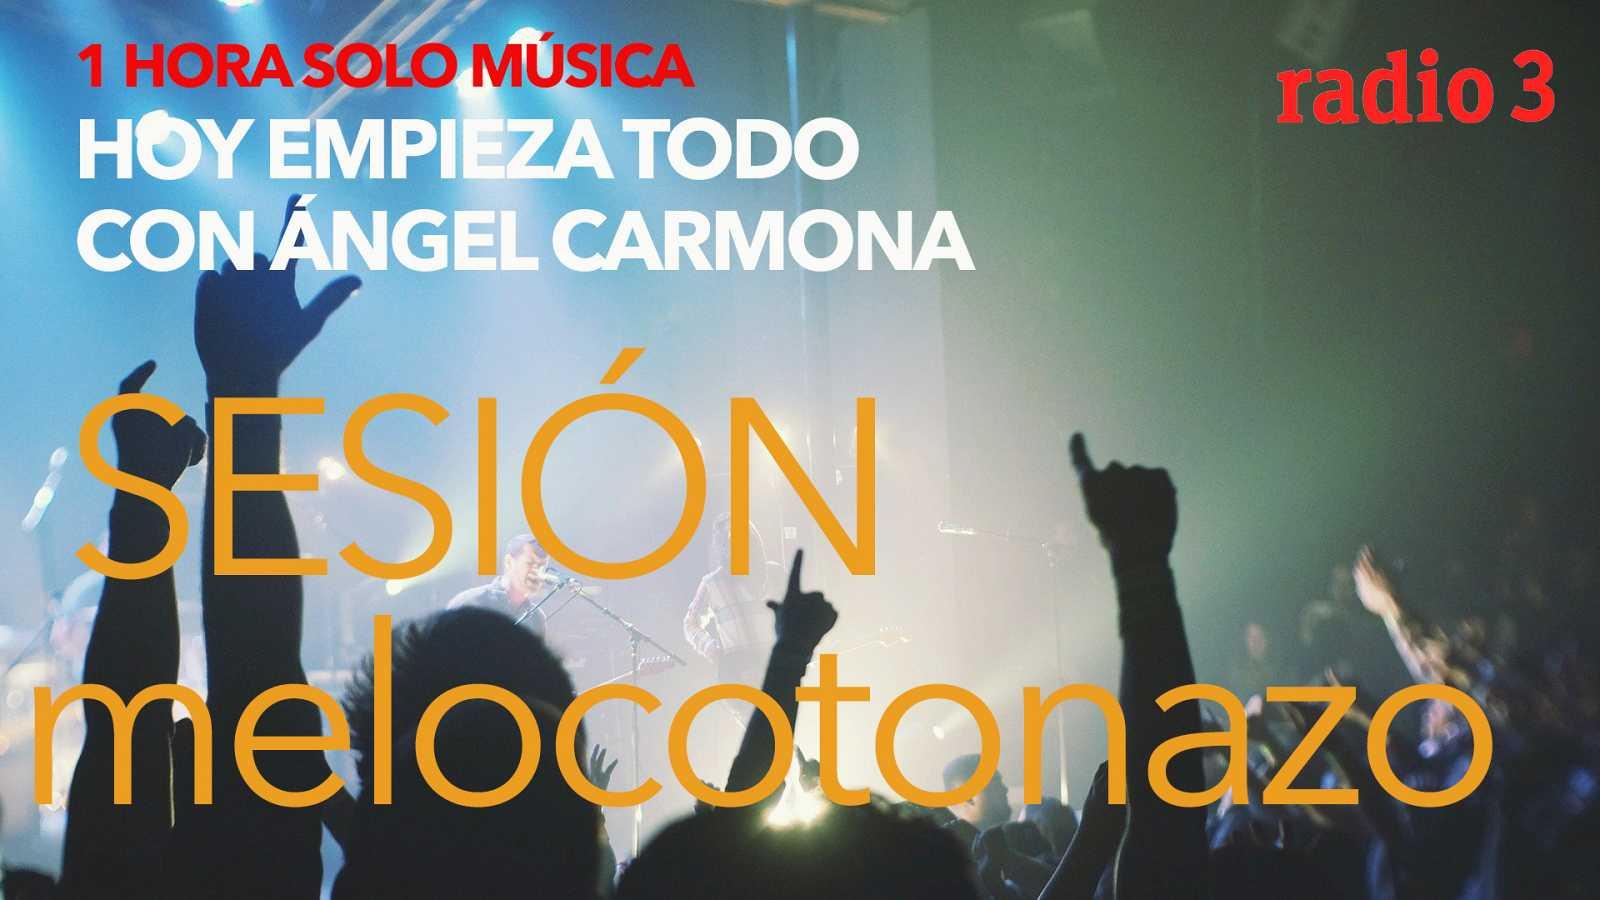 """Hoy empieza todo con Ángel Carmona - """"Sesión Melocotonazo"""": Andrés Calamaro, Lorde... - 08/09/20 - escuchar ahora"""